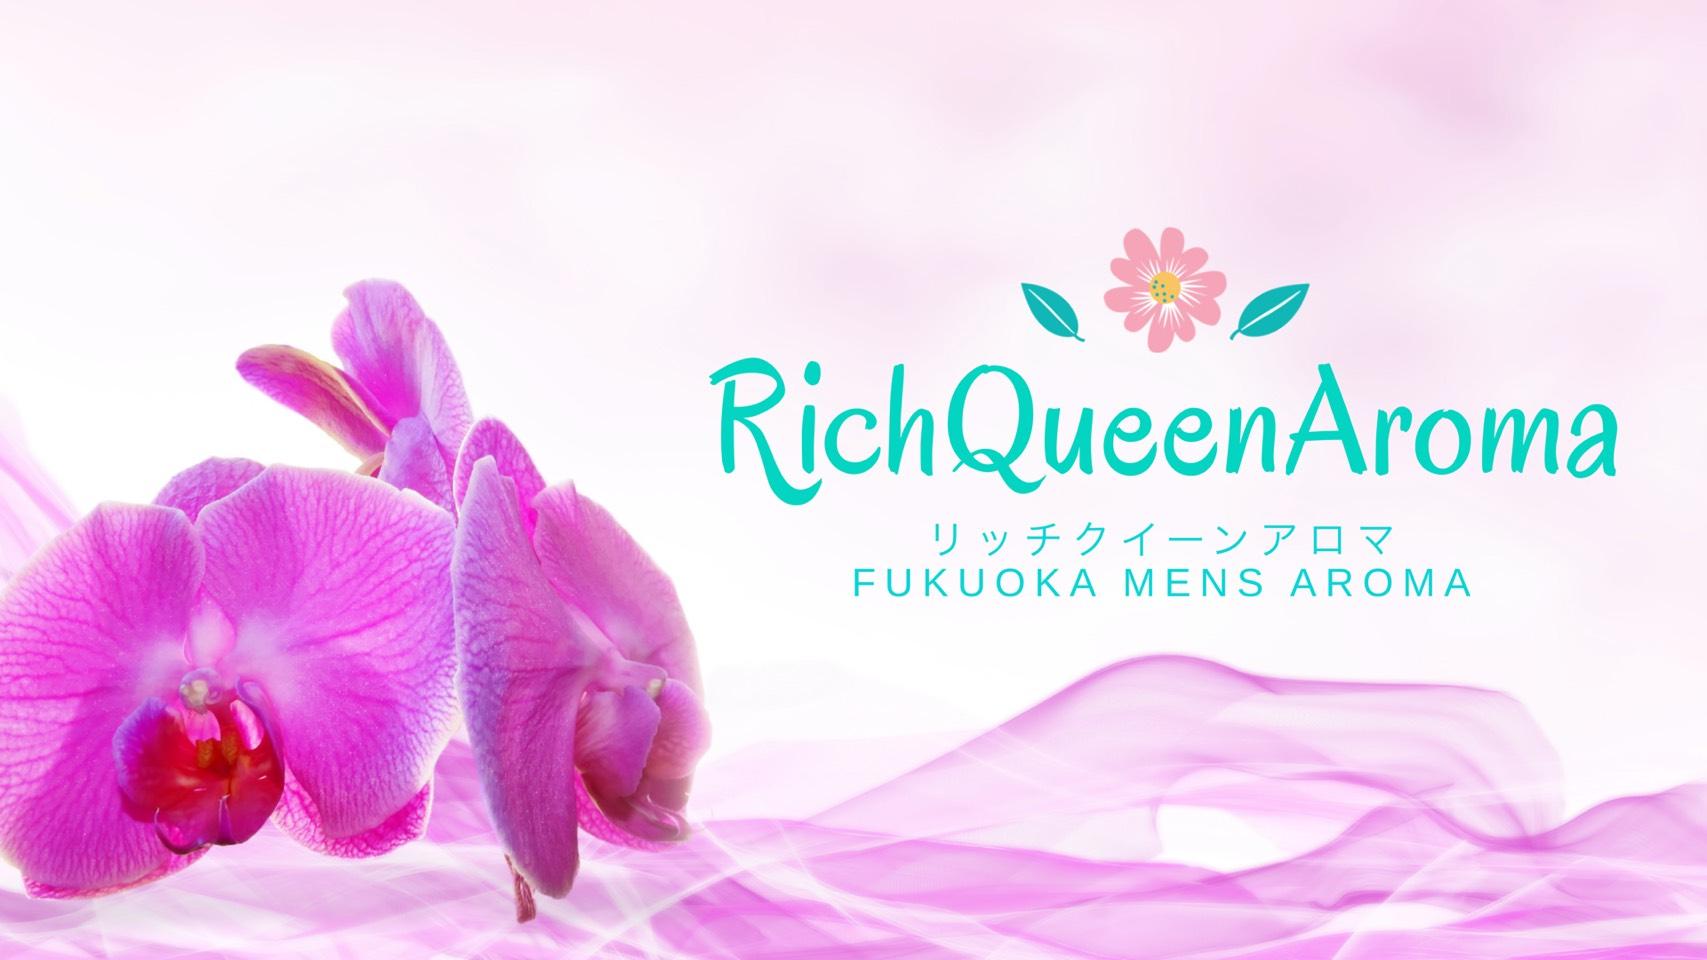 福岡メンズアロマ リッチクイーンアロマ